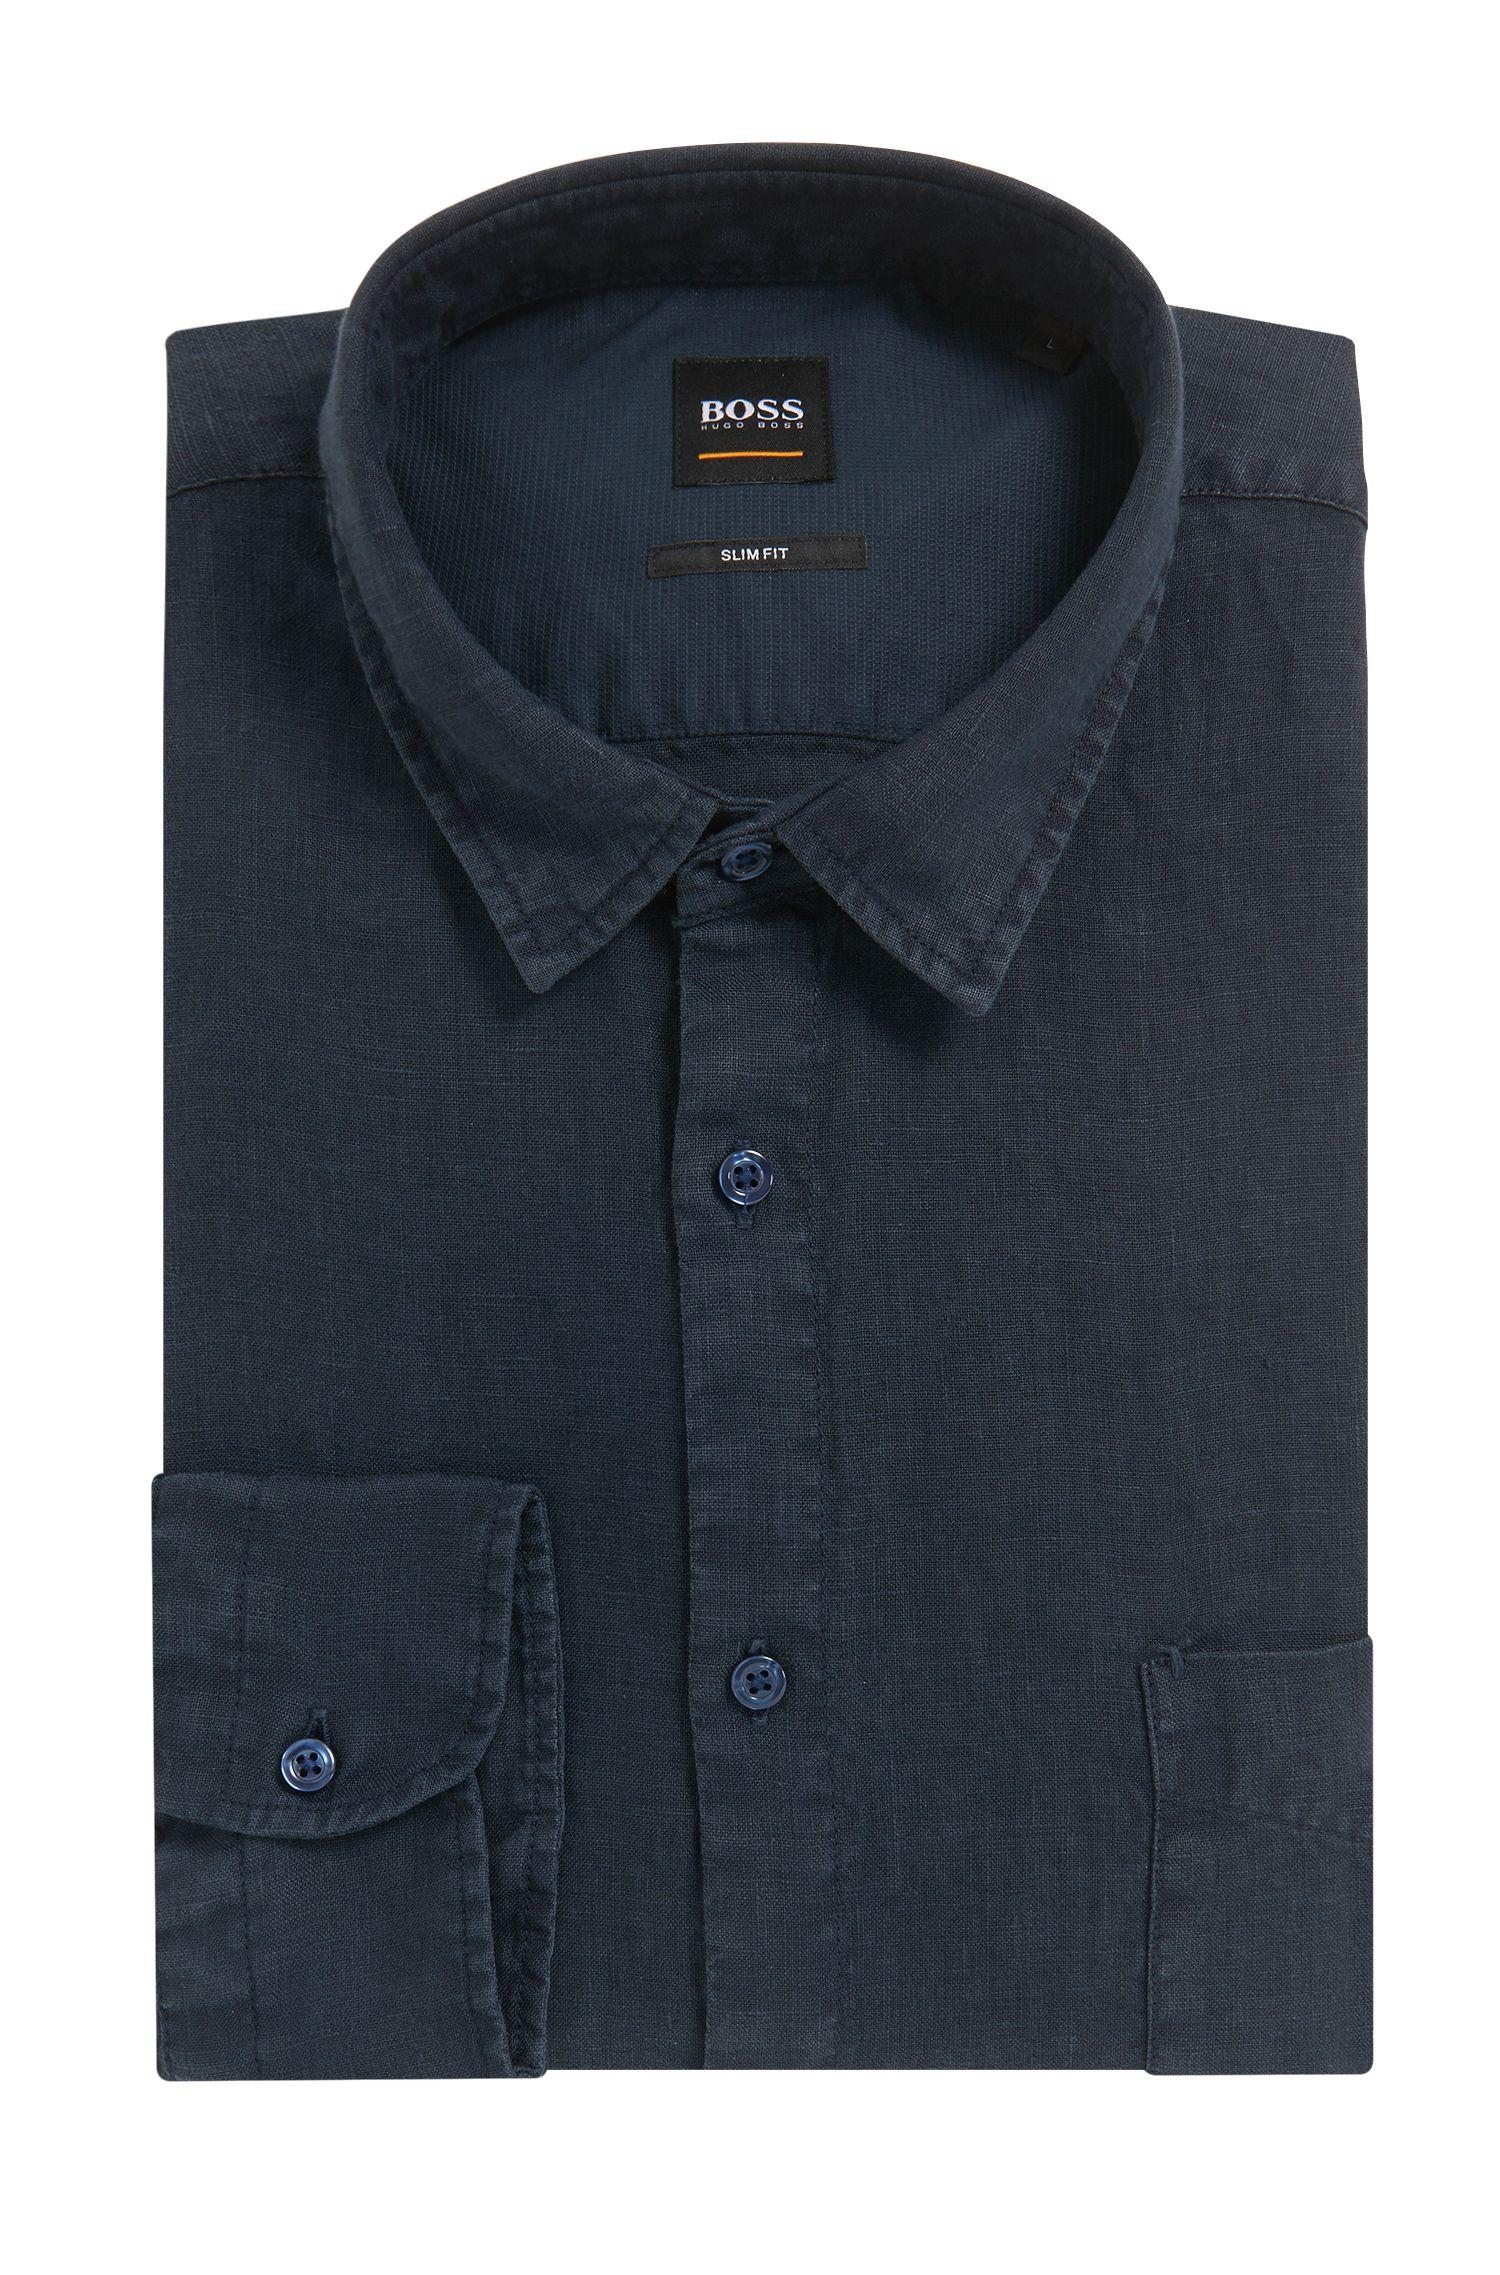 Pigmentgefärbtes Slim-Fit Hemd aus kühlendemLeinen